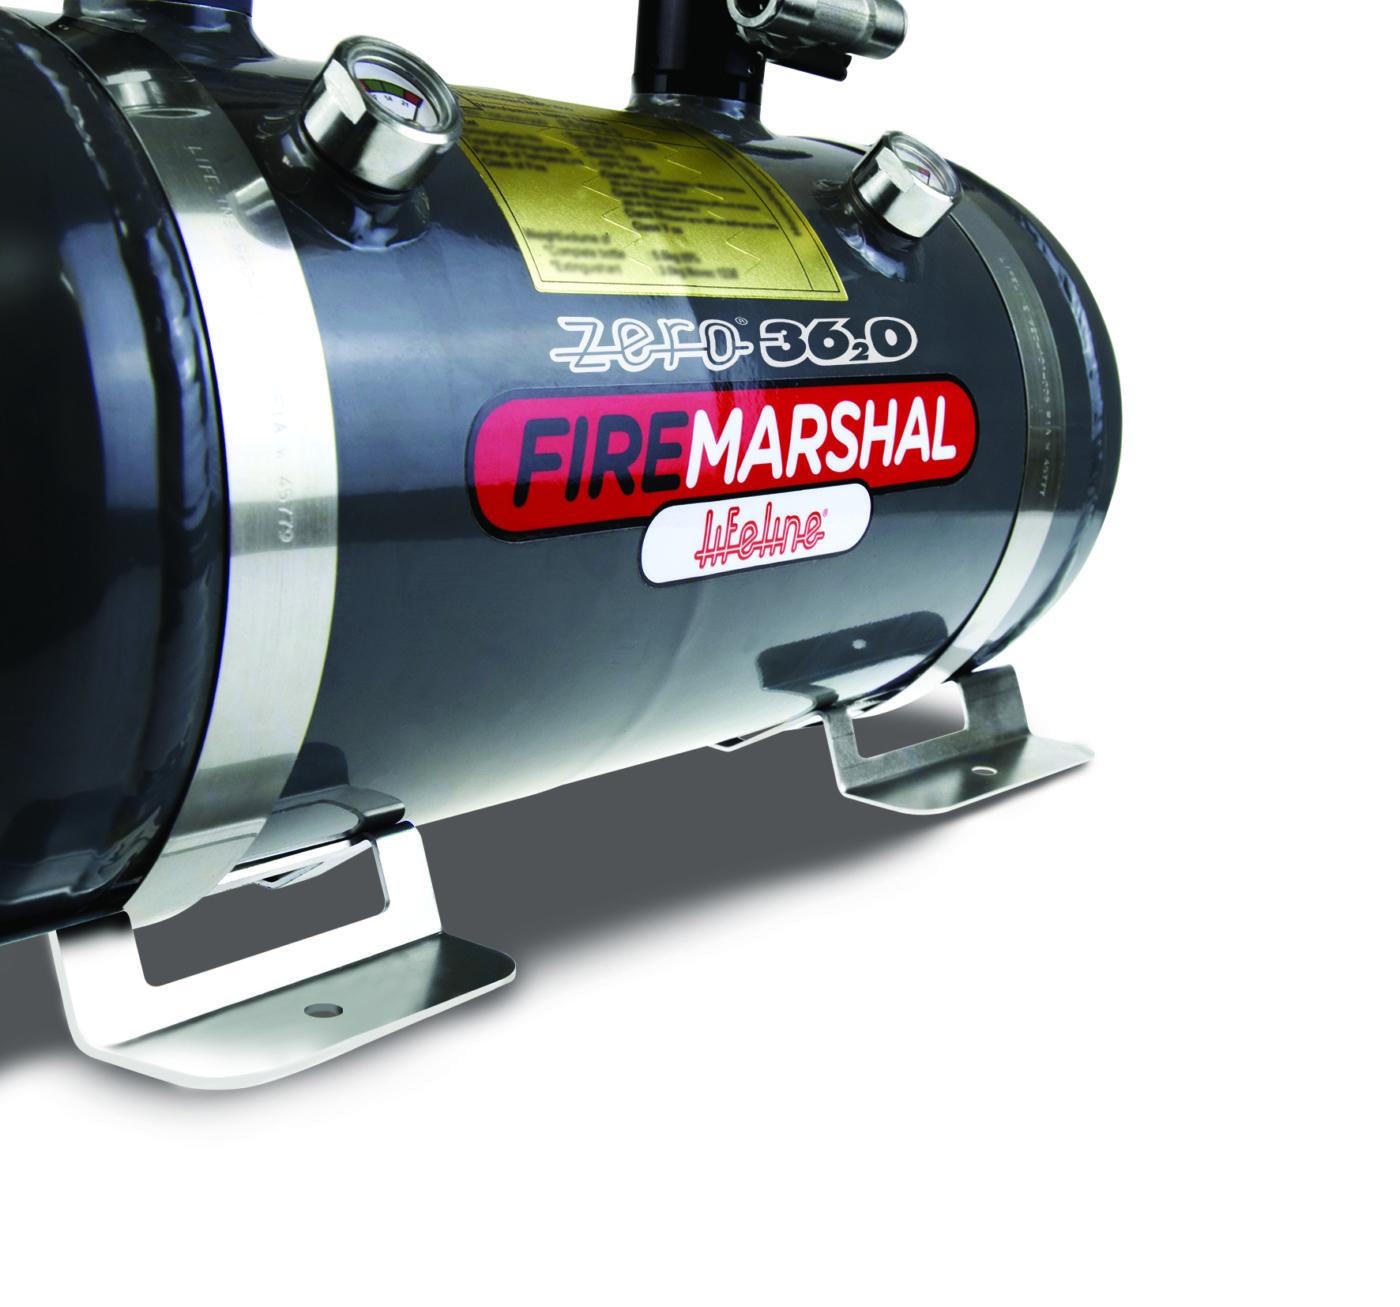 Nuevos sistemas de extinción Lifeline Zero 360 Marshall